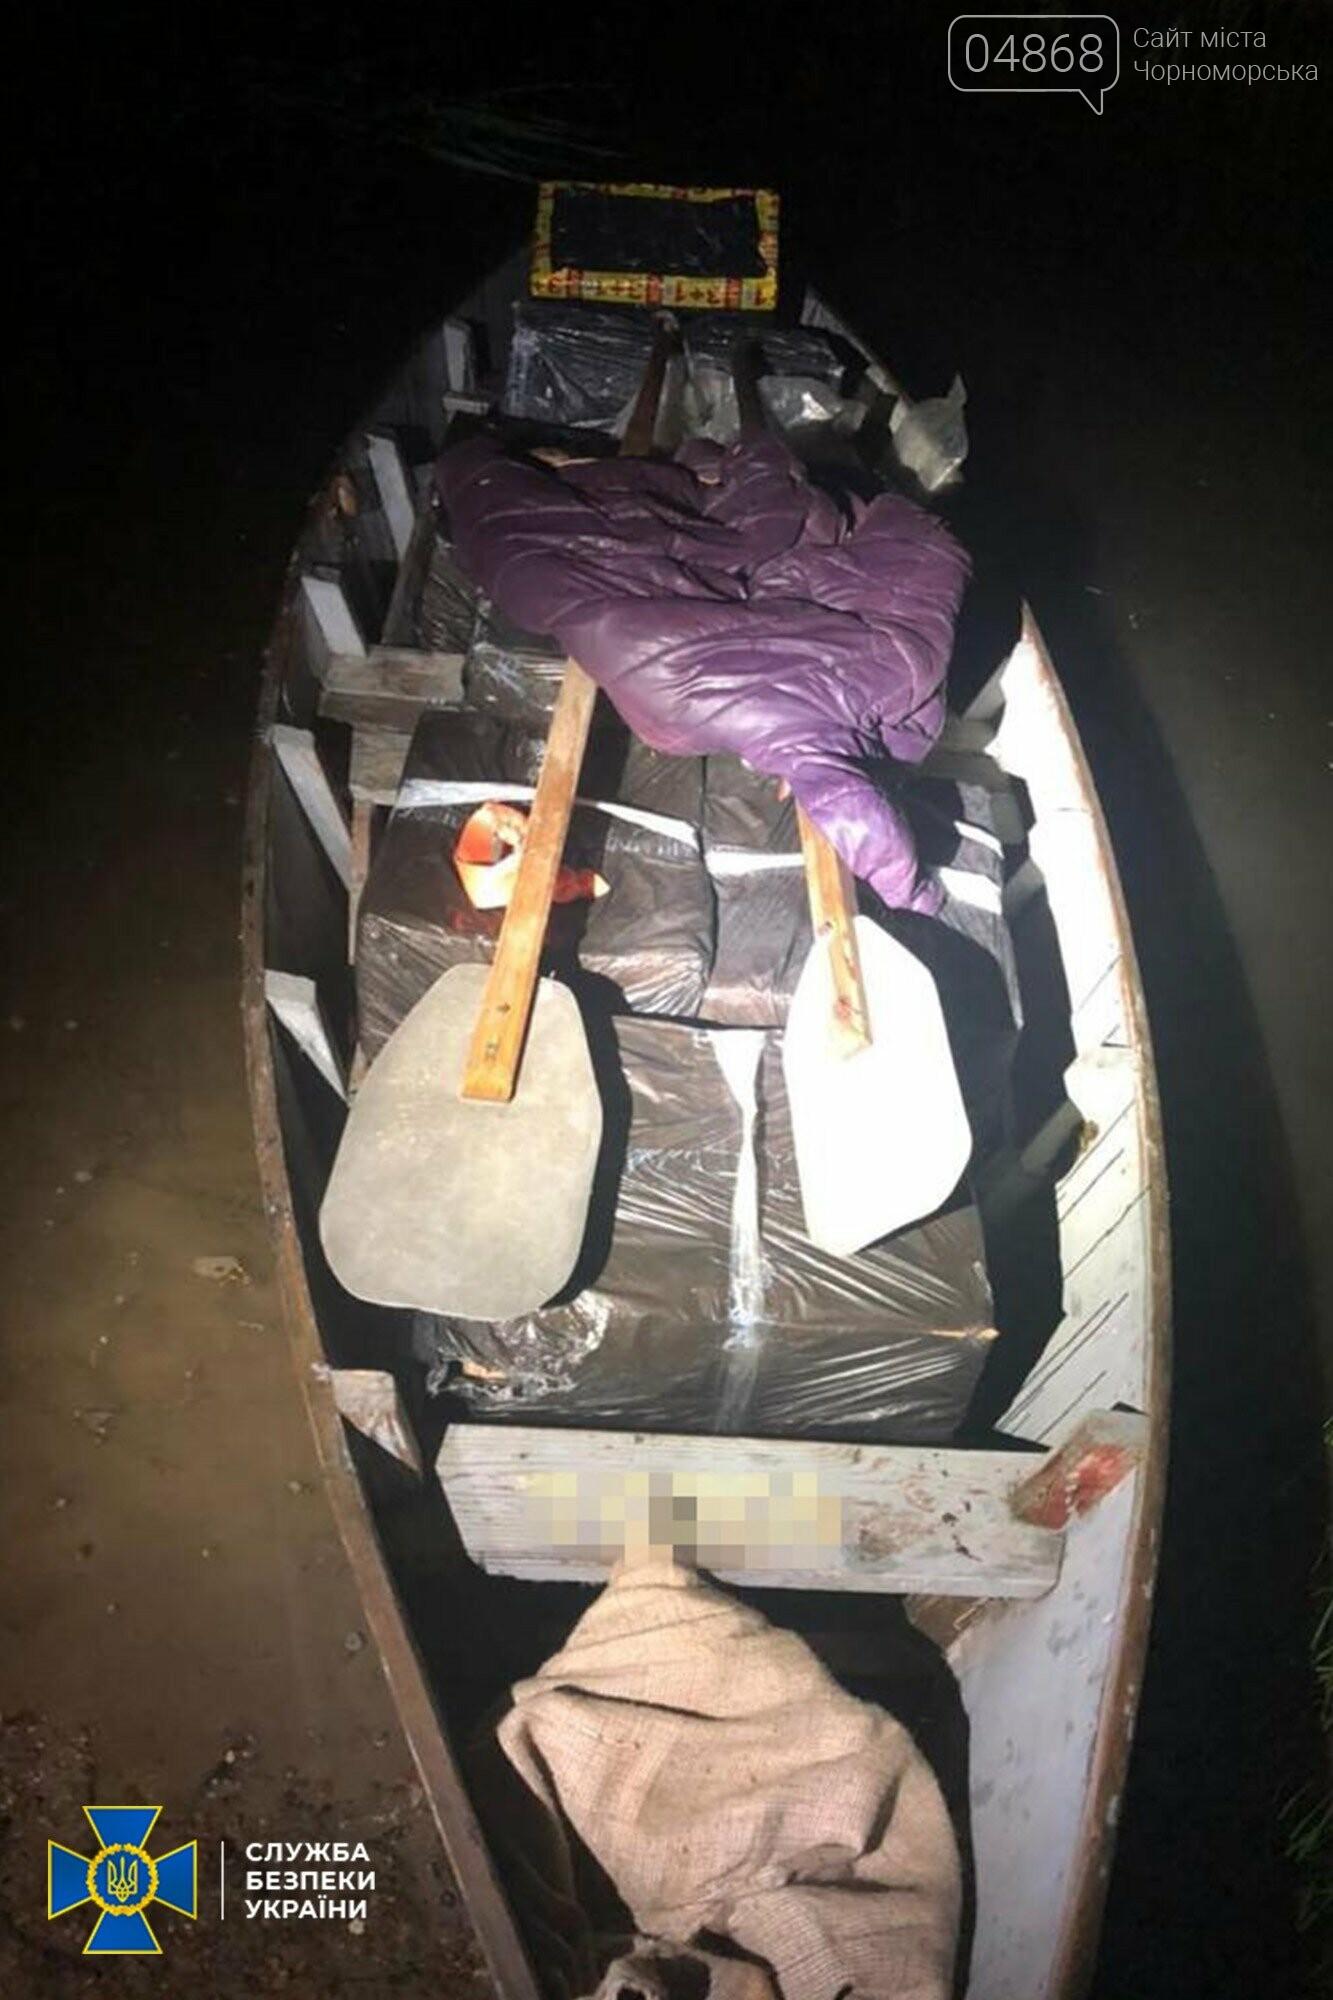 СБУ разоблачила преступную группу: переправляли мигрантов, оружие, товары, фото-3